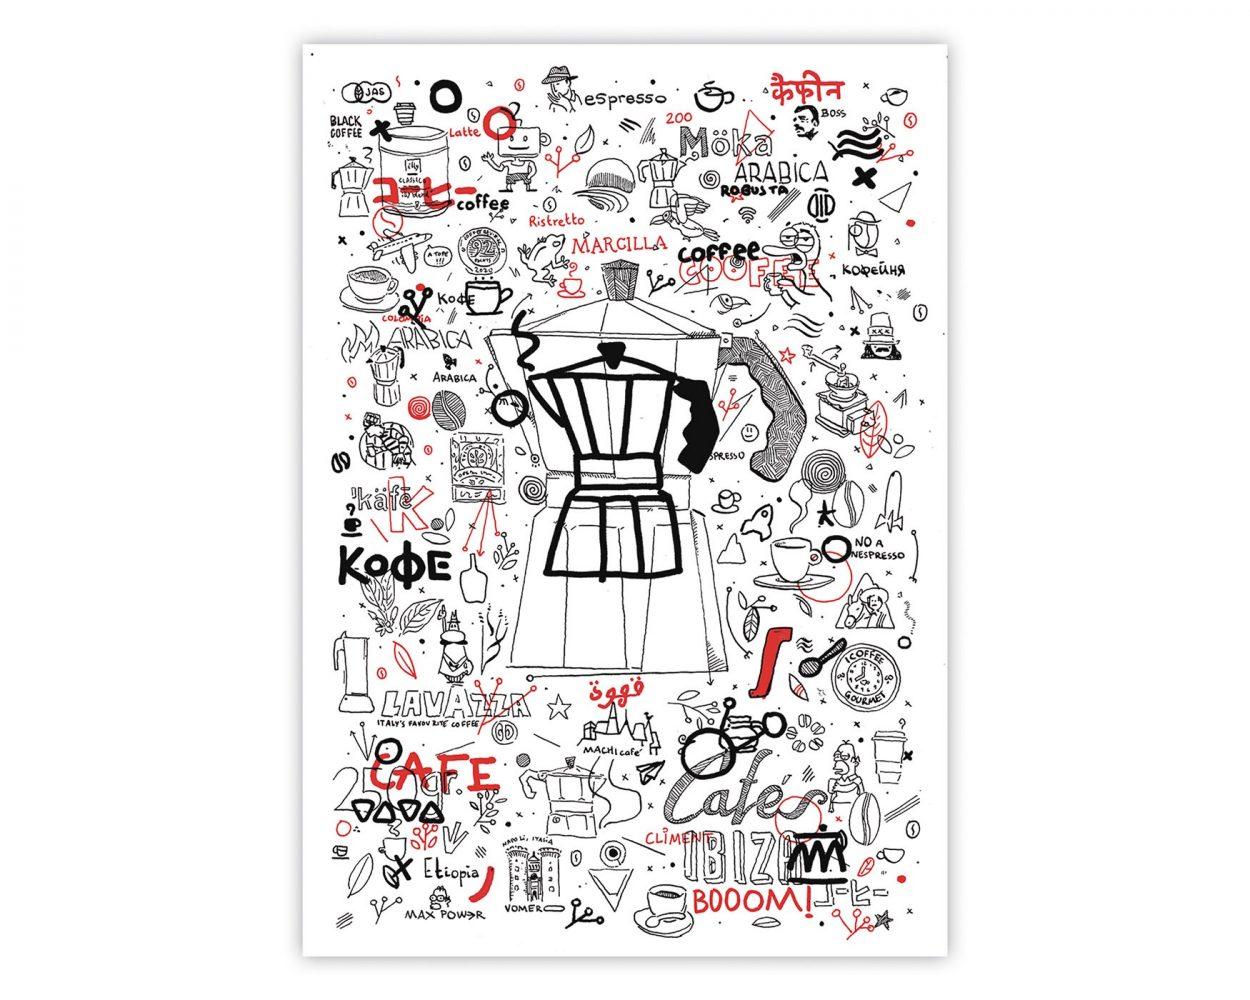 Ilustración con diferentes dibujos relacionados con el café: cafetera, lavazza, bialetti, cafés climents, illy...